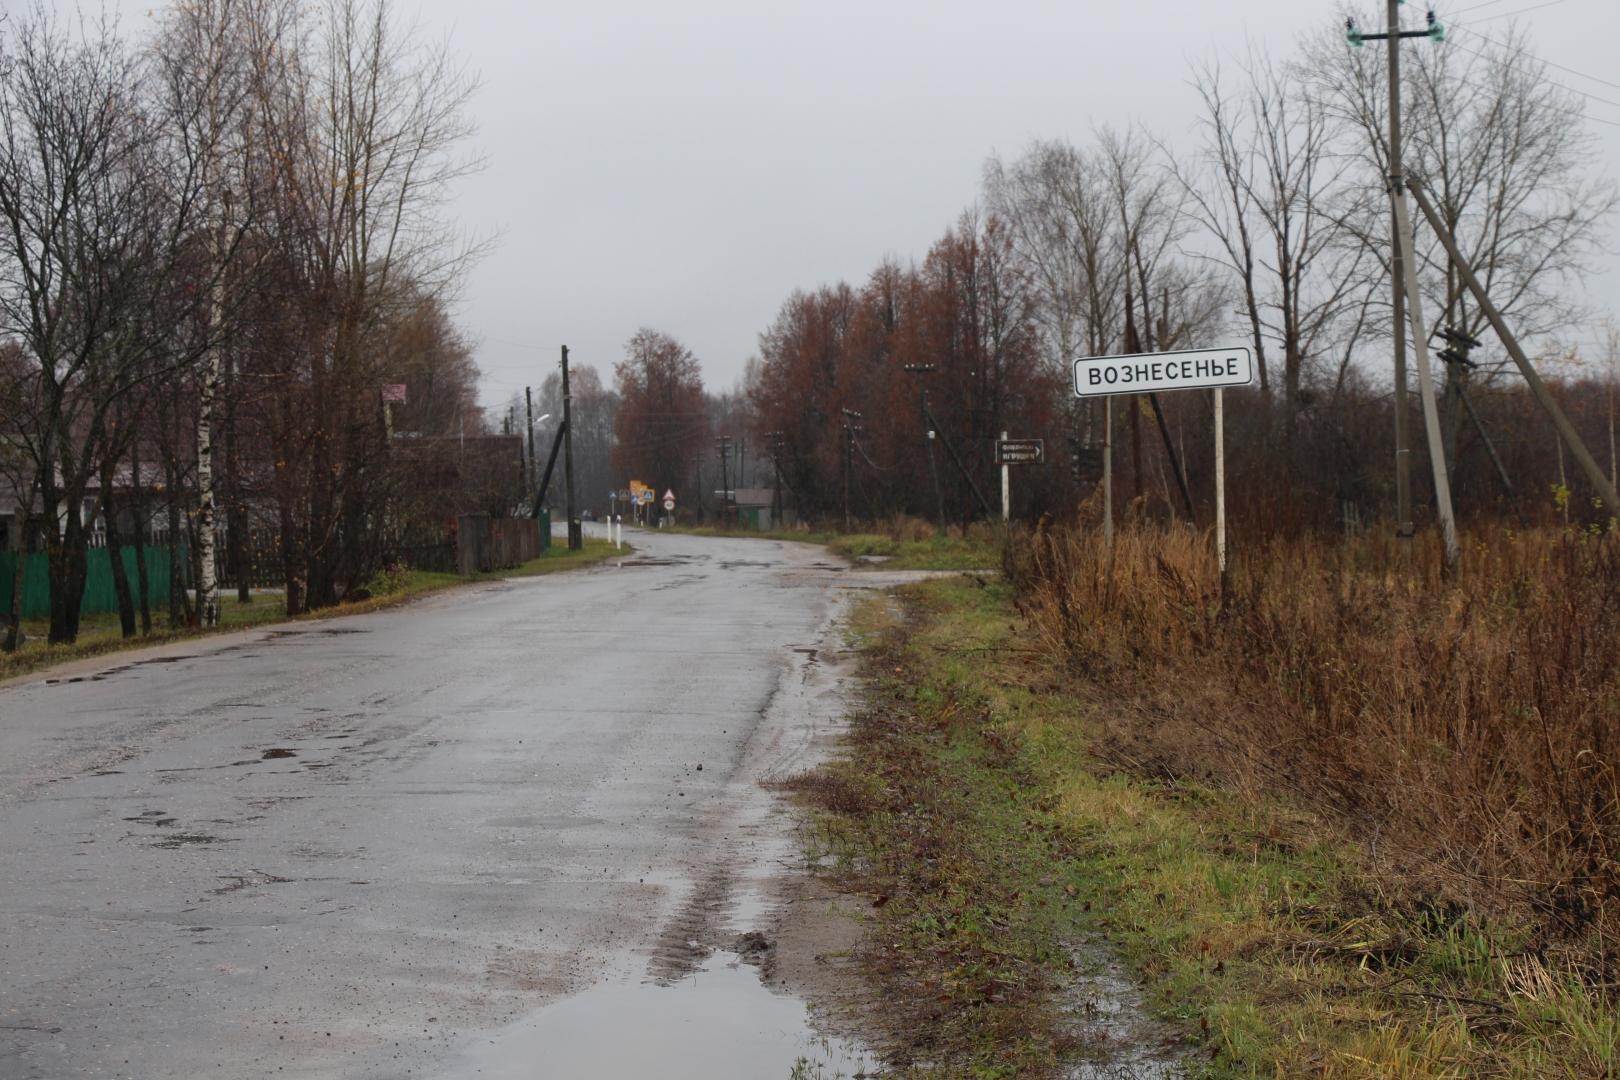 Село Вознесенье, Ивановская область